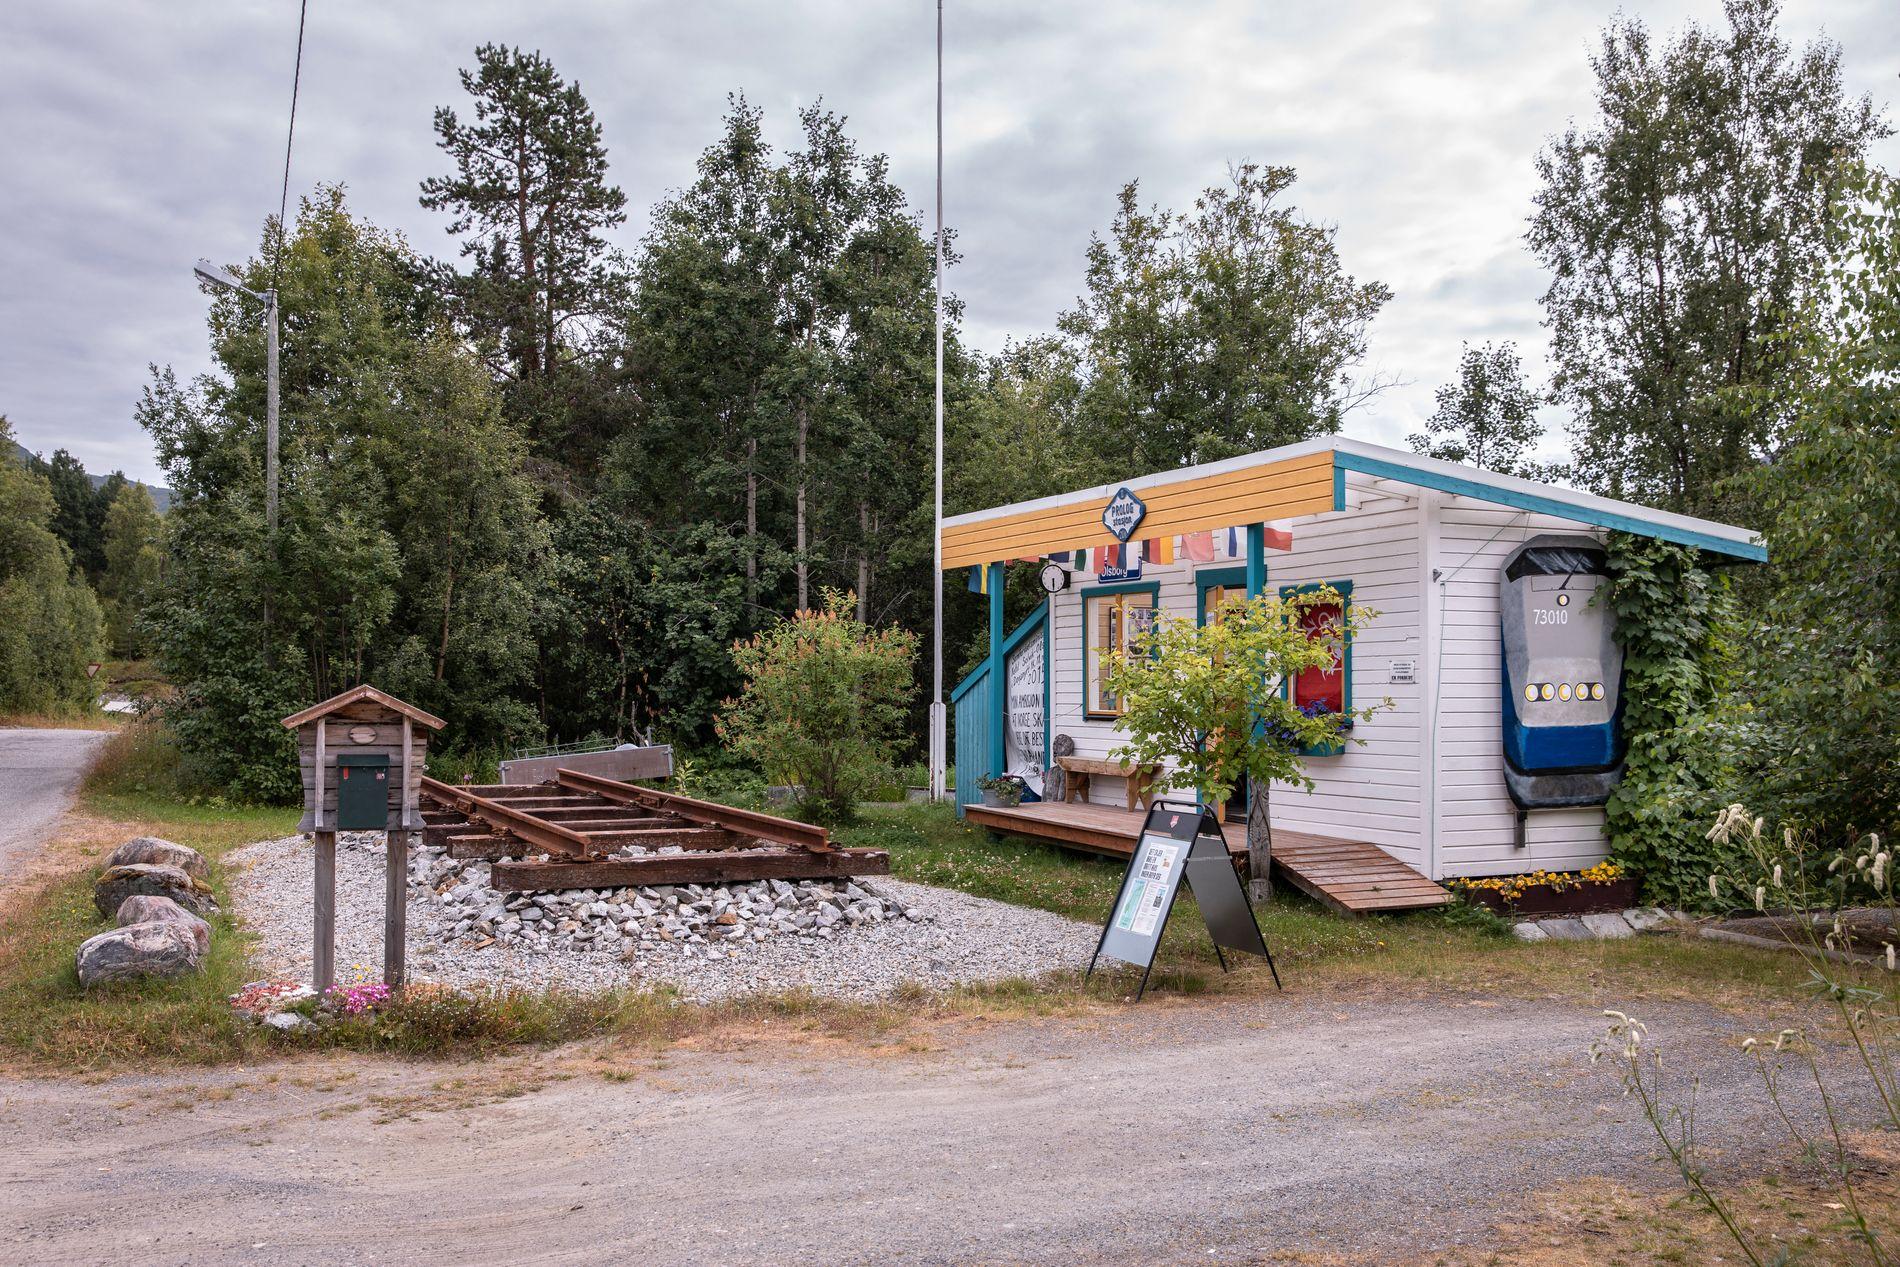 – Jeg kan ikke skjønne hvorfor Nord-Norge ikke kan få en jernbane, når det bygges så mye andre steder, sa Hilde Sagland da  VG møtte henne i Målselv i Troms, der hun har bygget denne togstasjonen foran huset sitt.